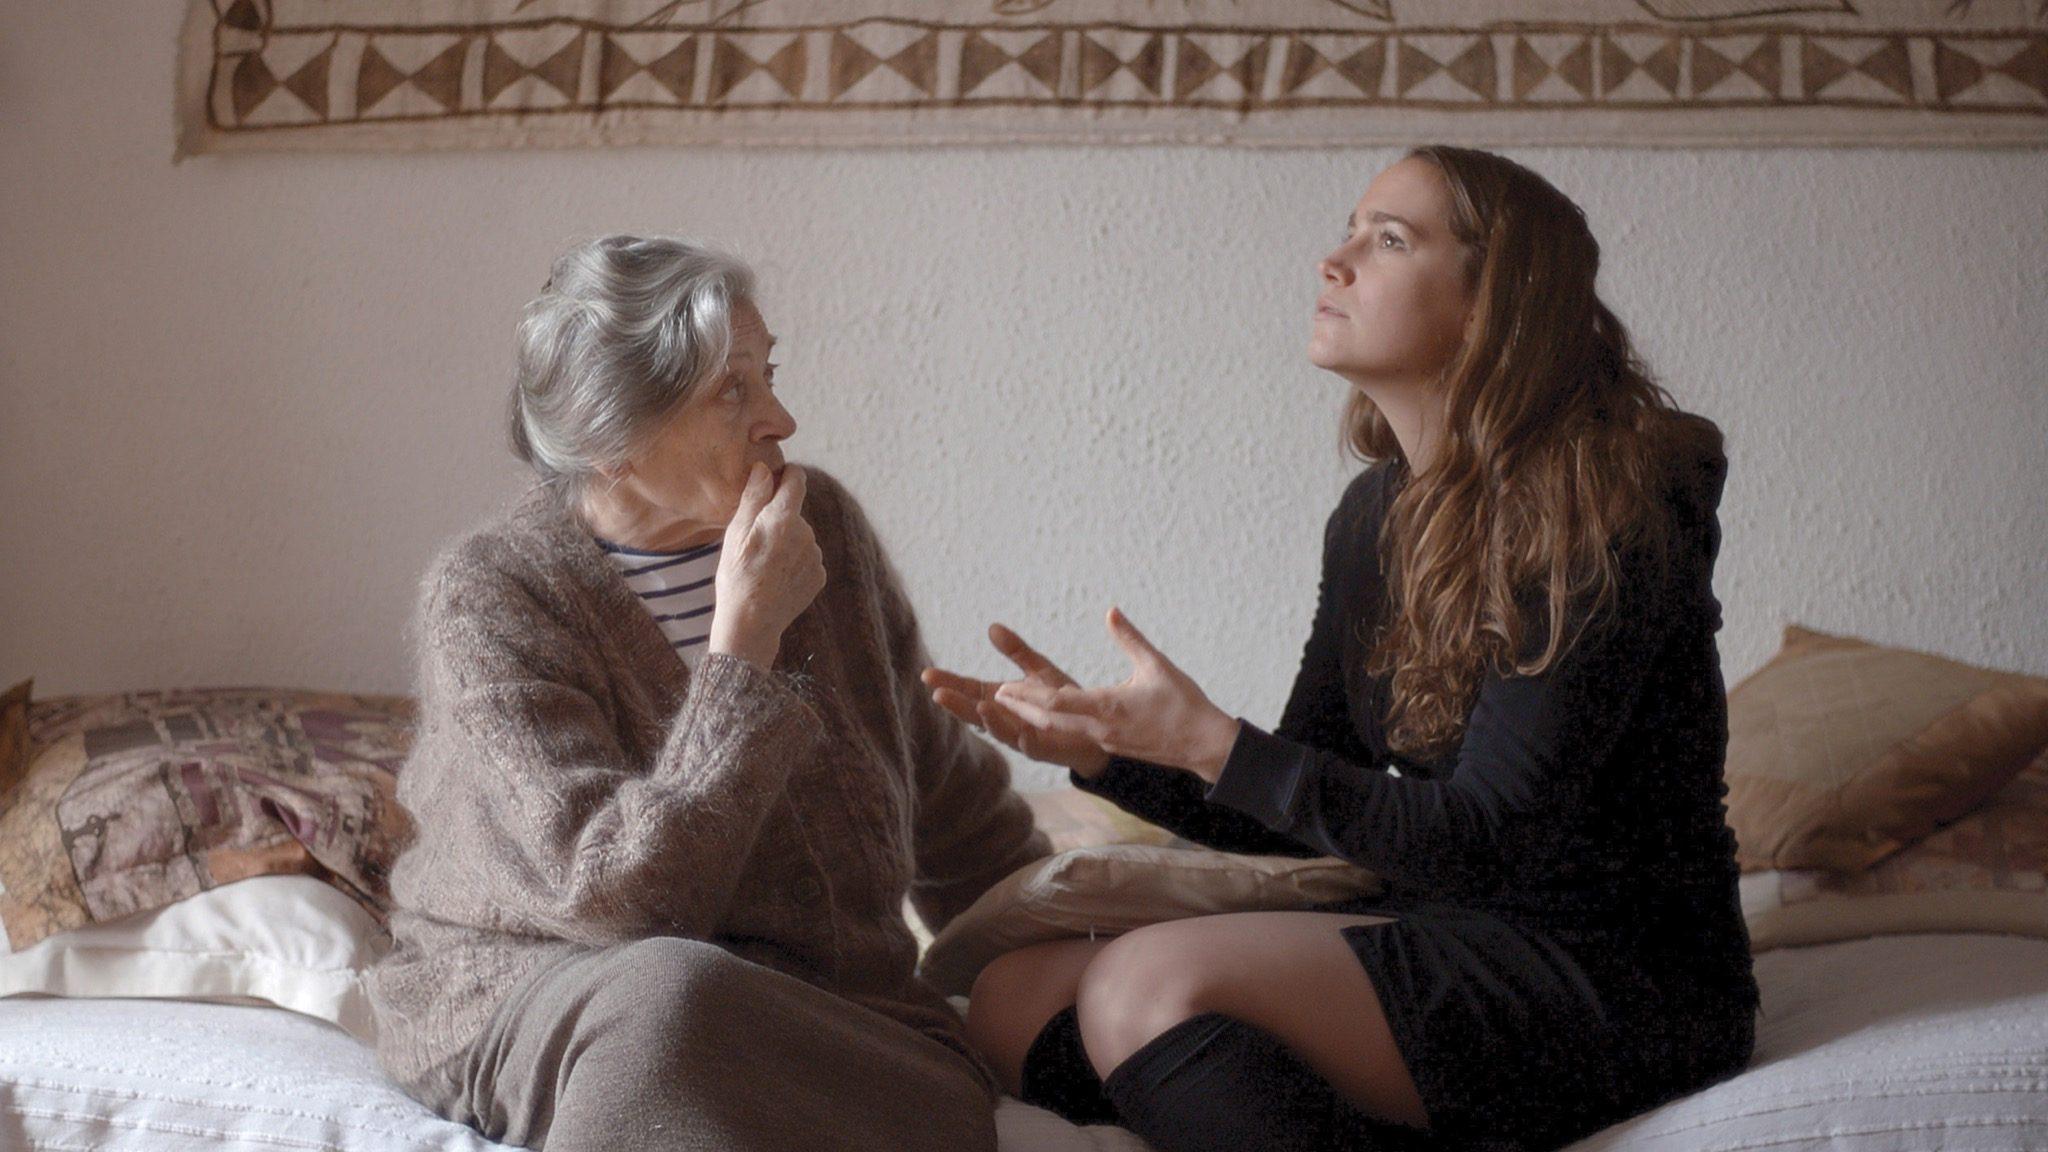 Les Vies de Therese image (c) AGAT Films & Cie